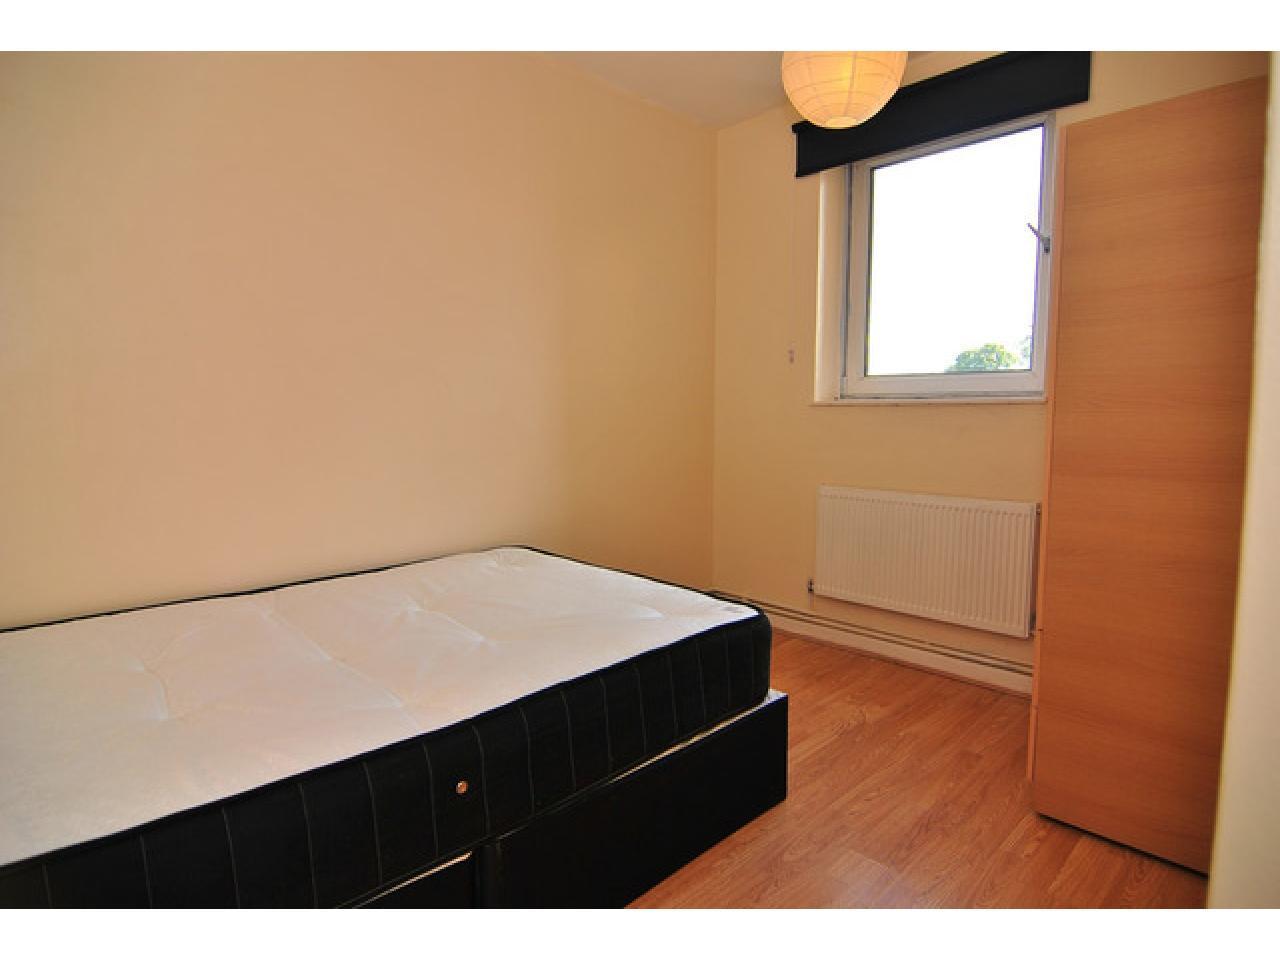 Single Room in Greenwich - 3